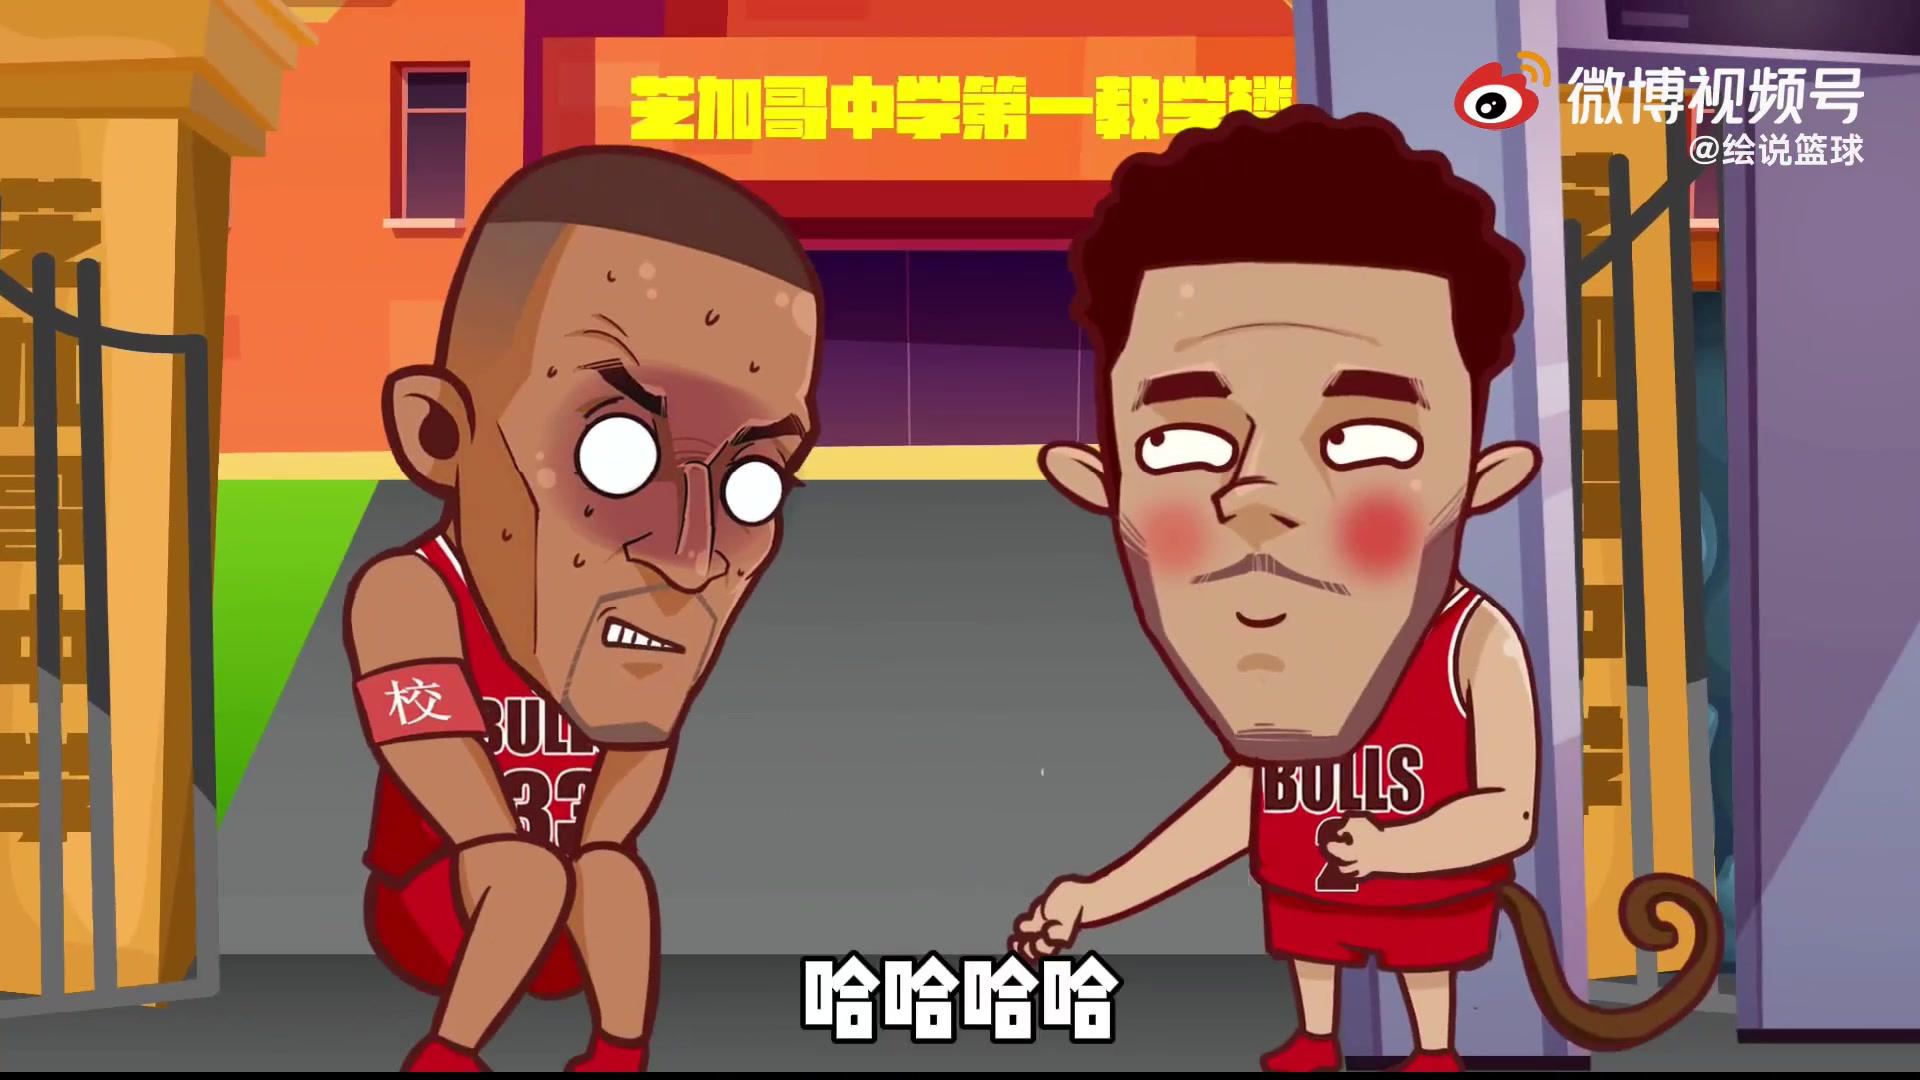 绘说篮球:公牛阵容不差!开赛期待一下